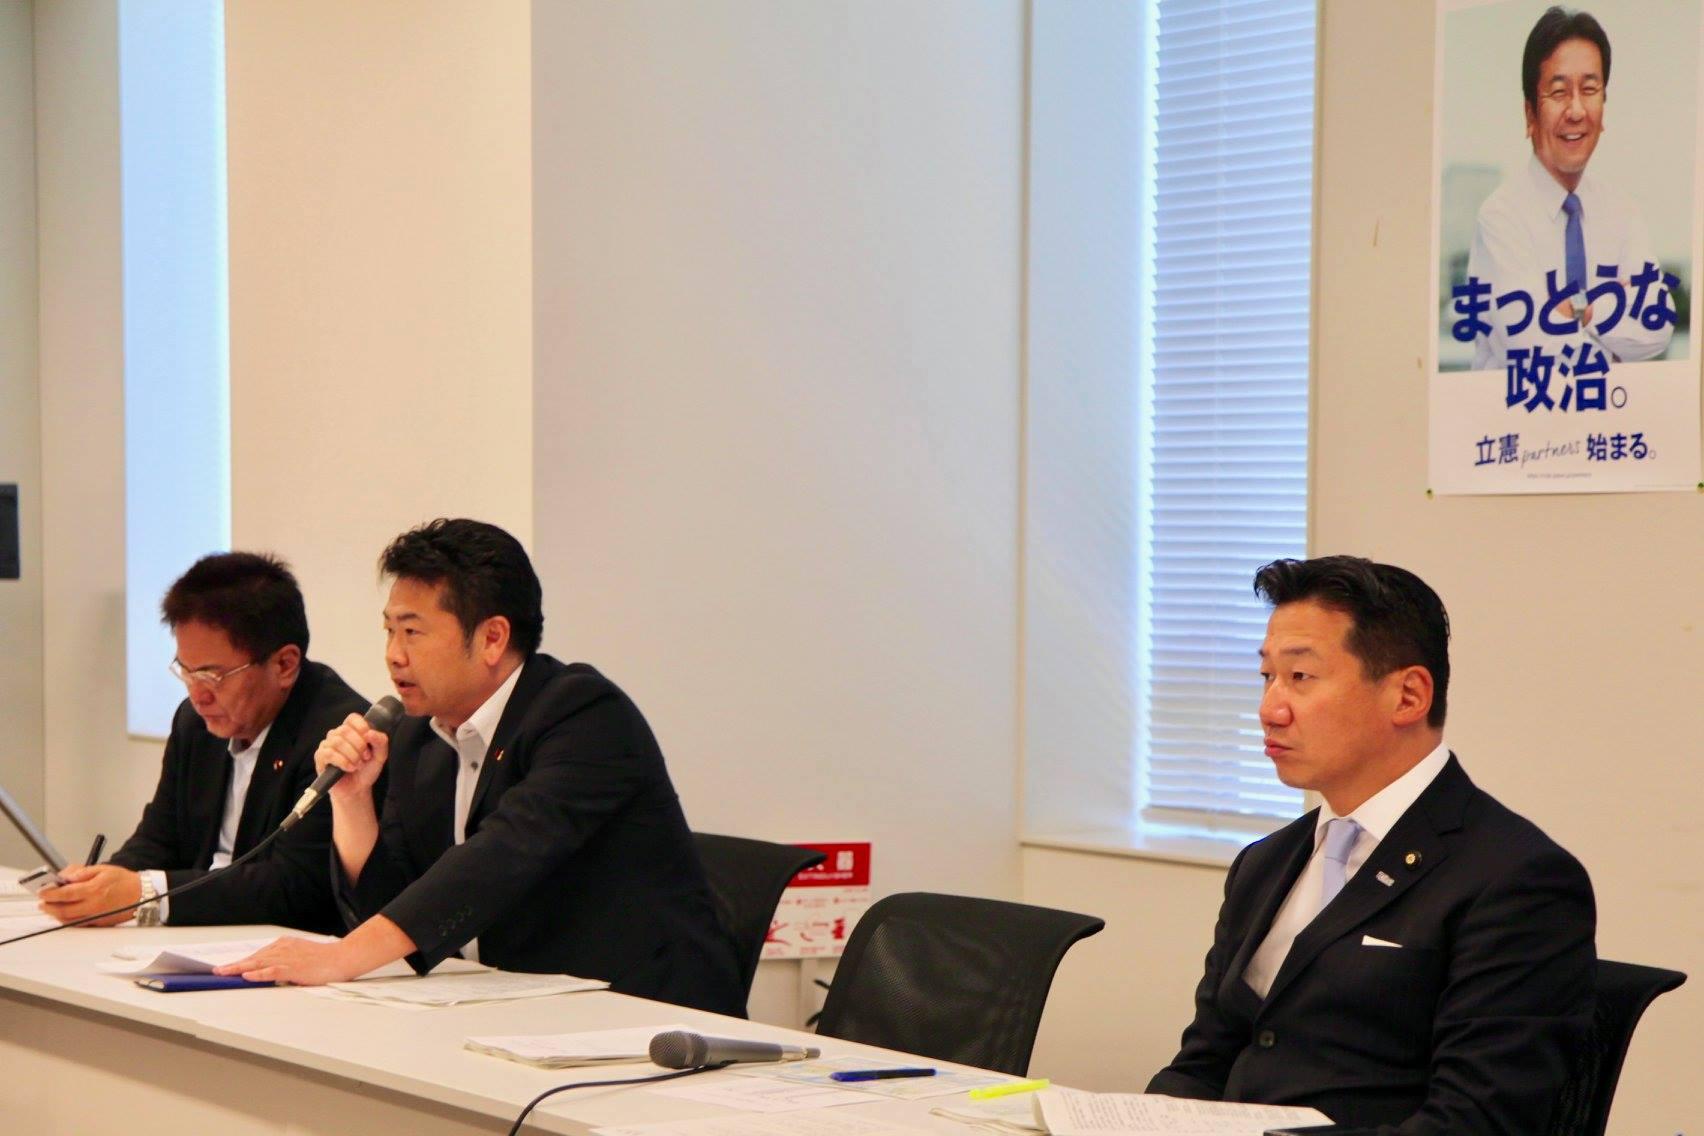 立憲民主党「2018豪雨災害対策本部」の第3回会合に出席しました。